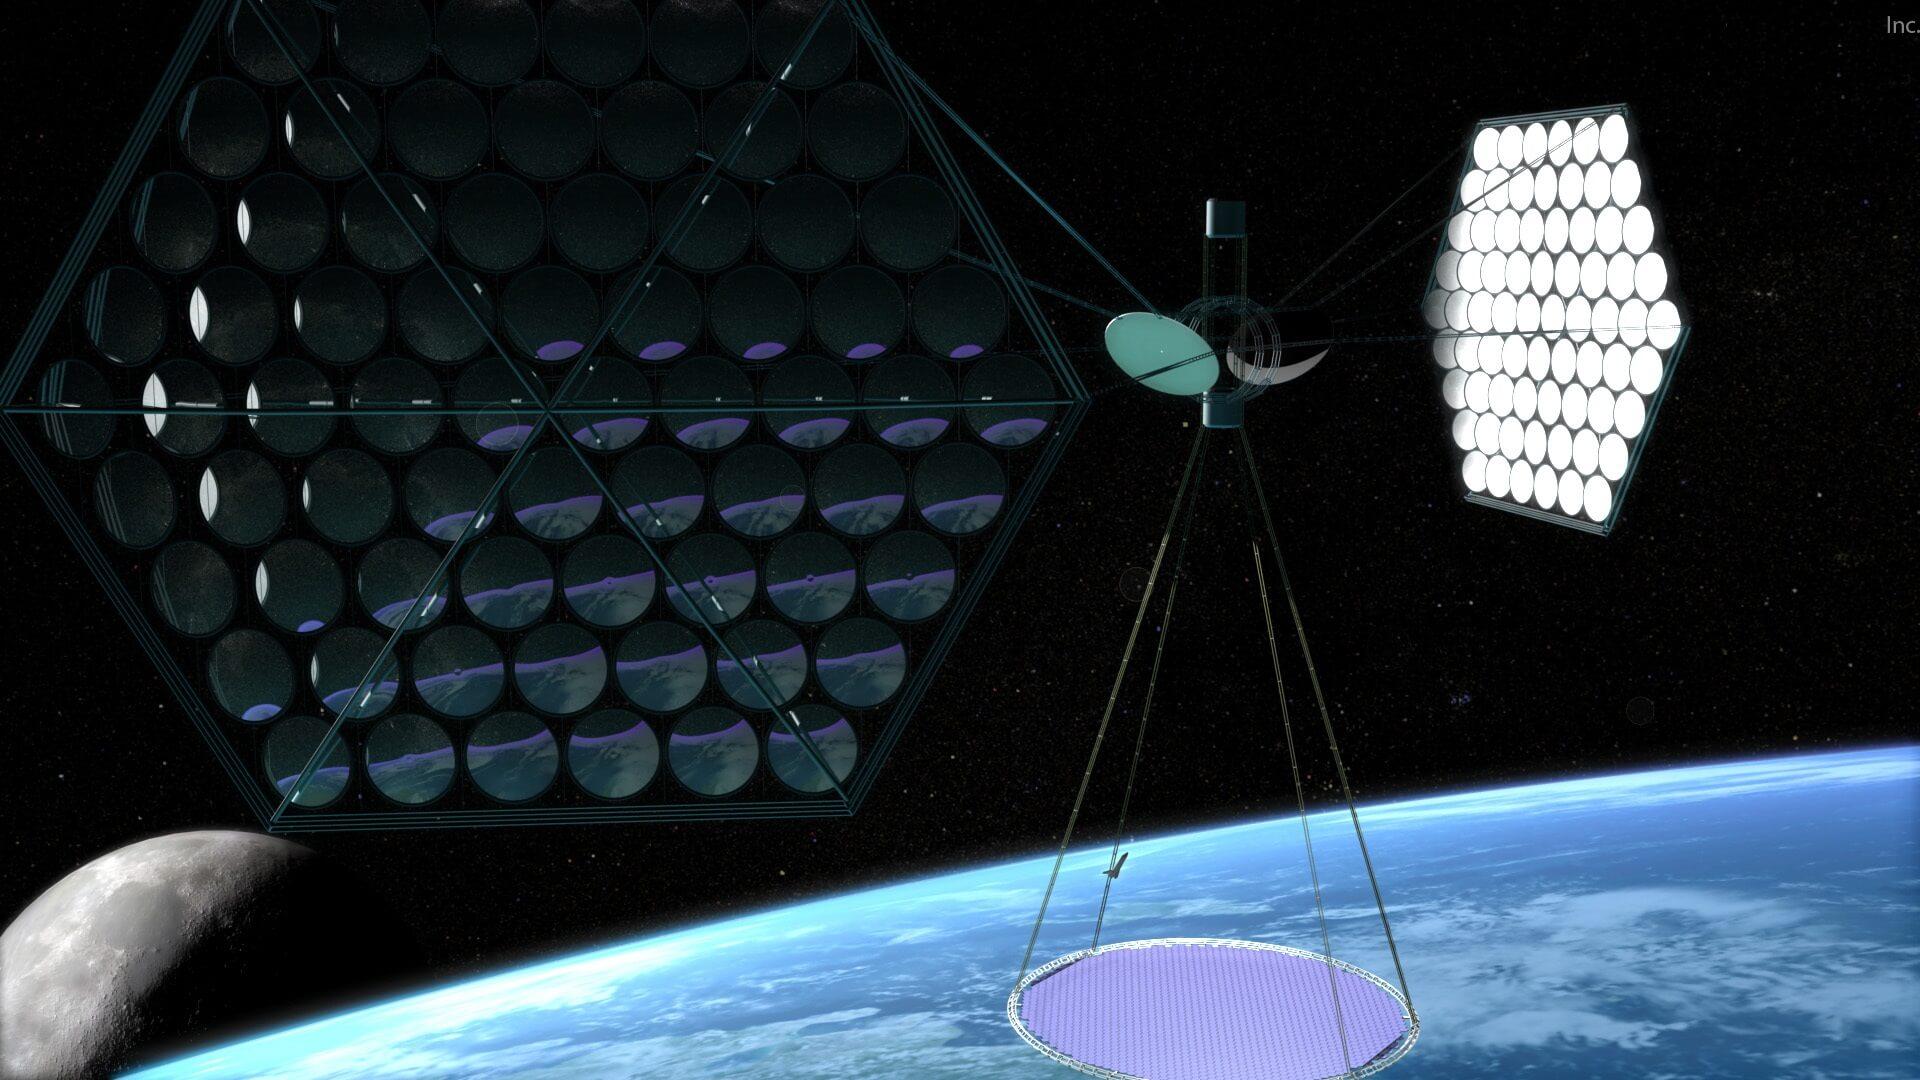 Солнечная энергия из космоса: энергетика будущего?